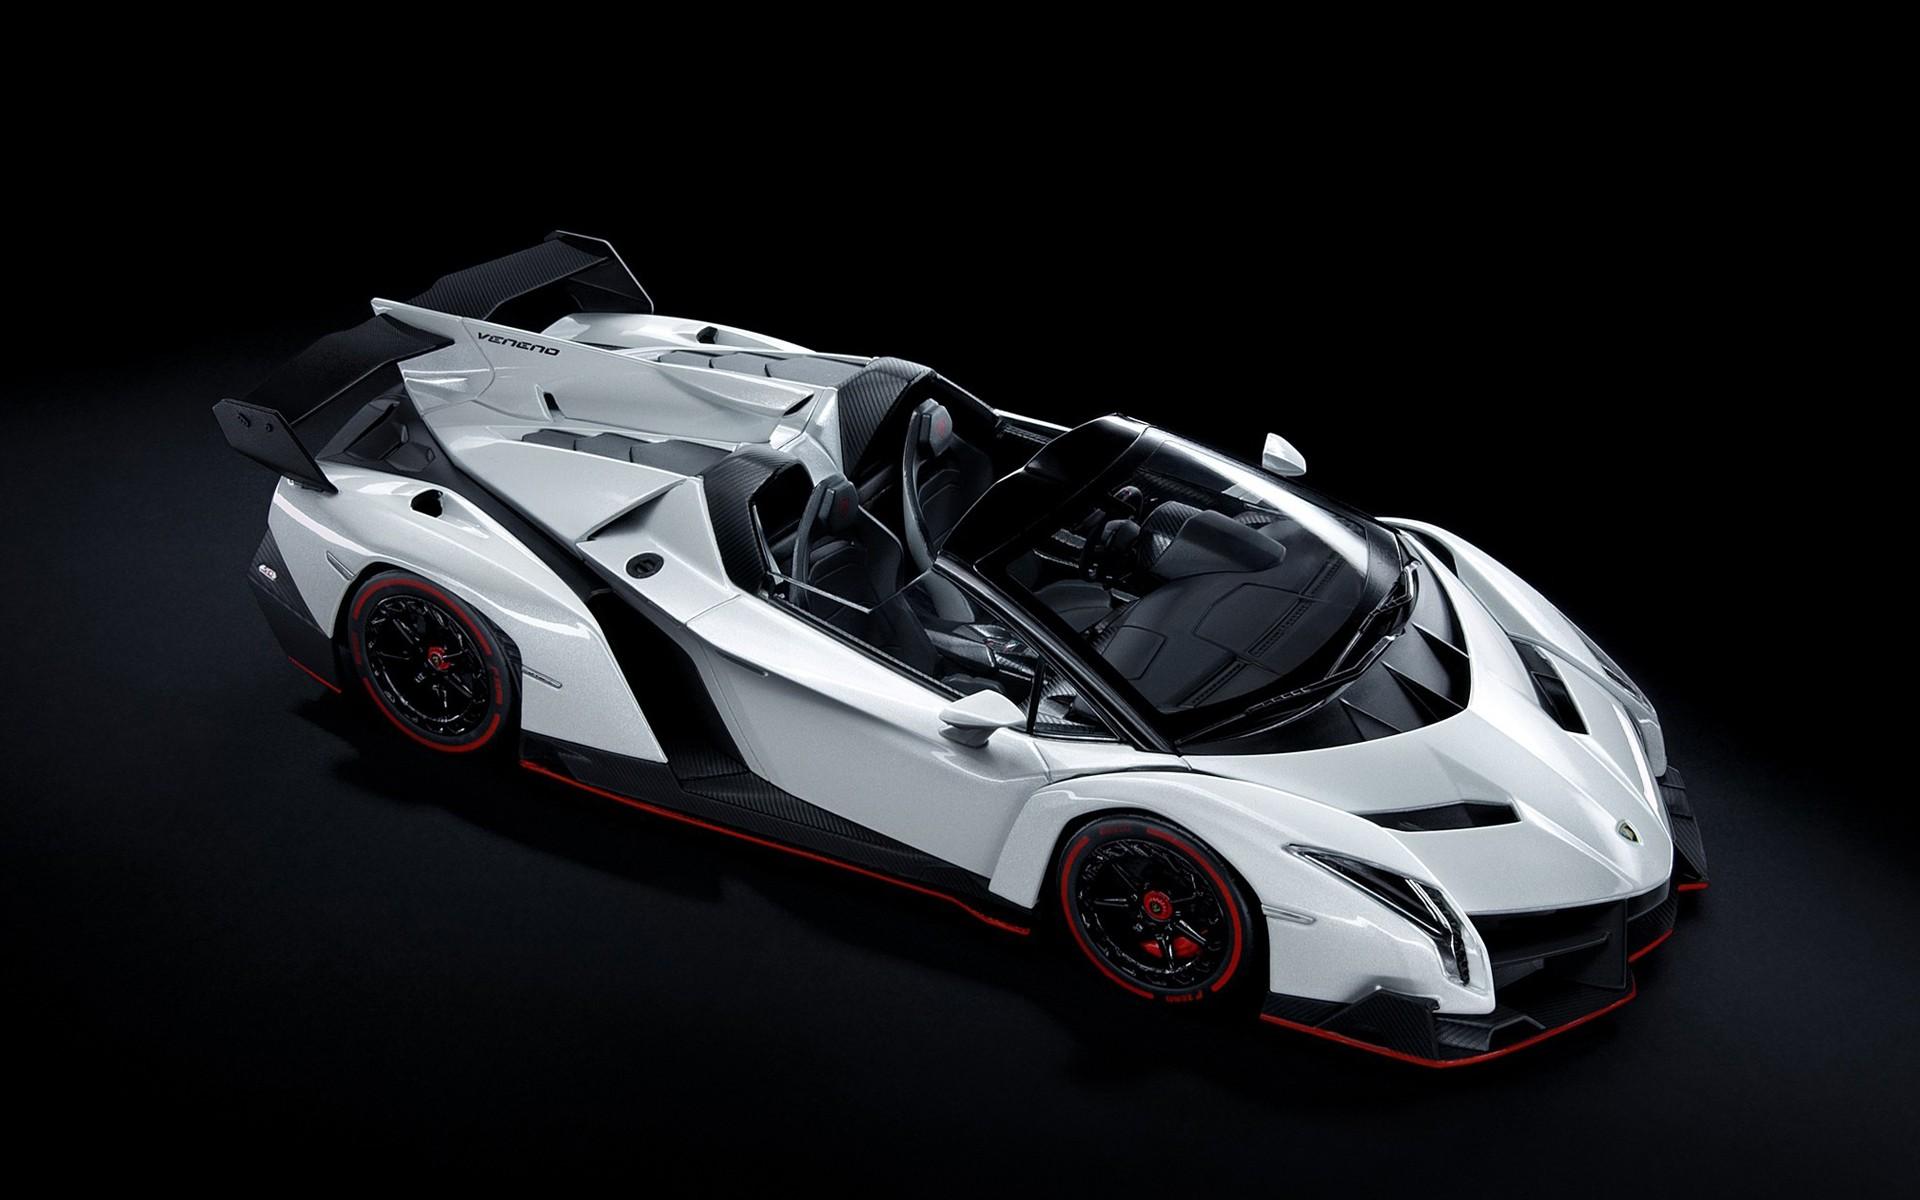 wallpaper : sports car, white cars, luxury cars, lamborghini veneno